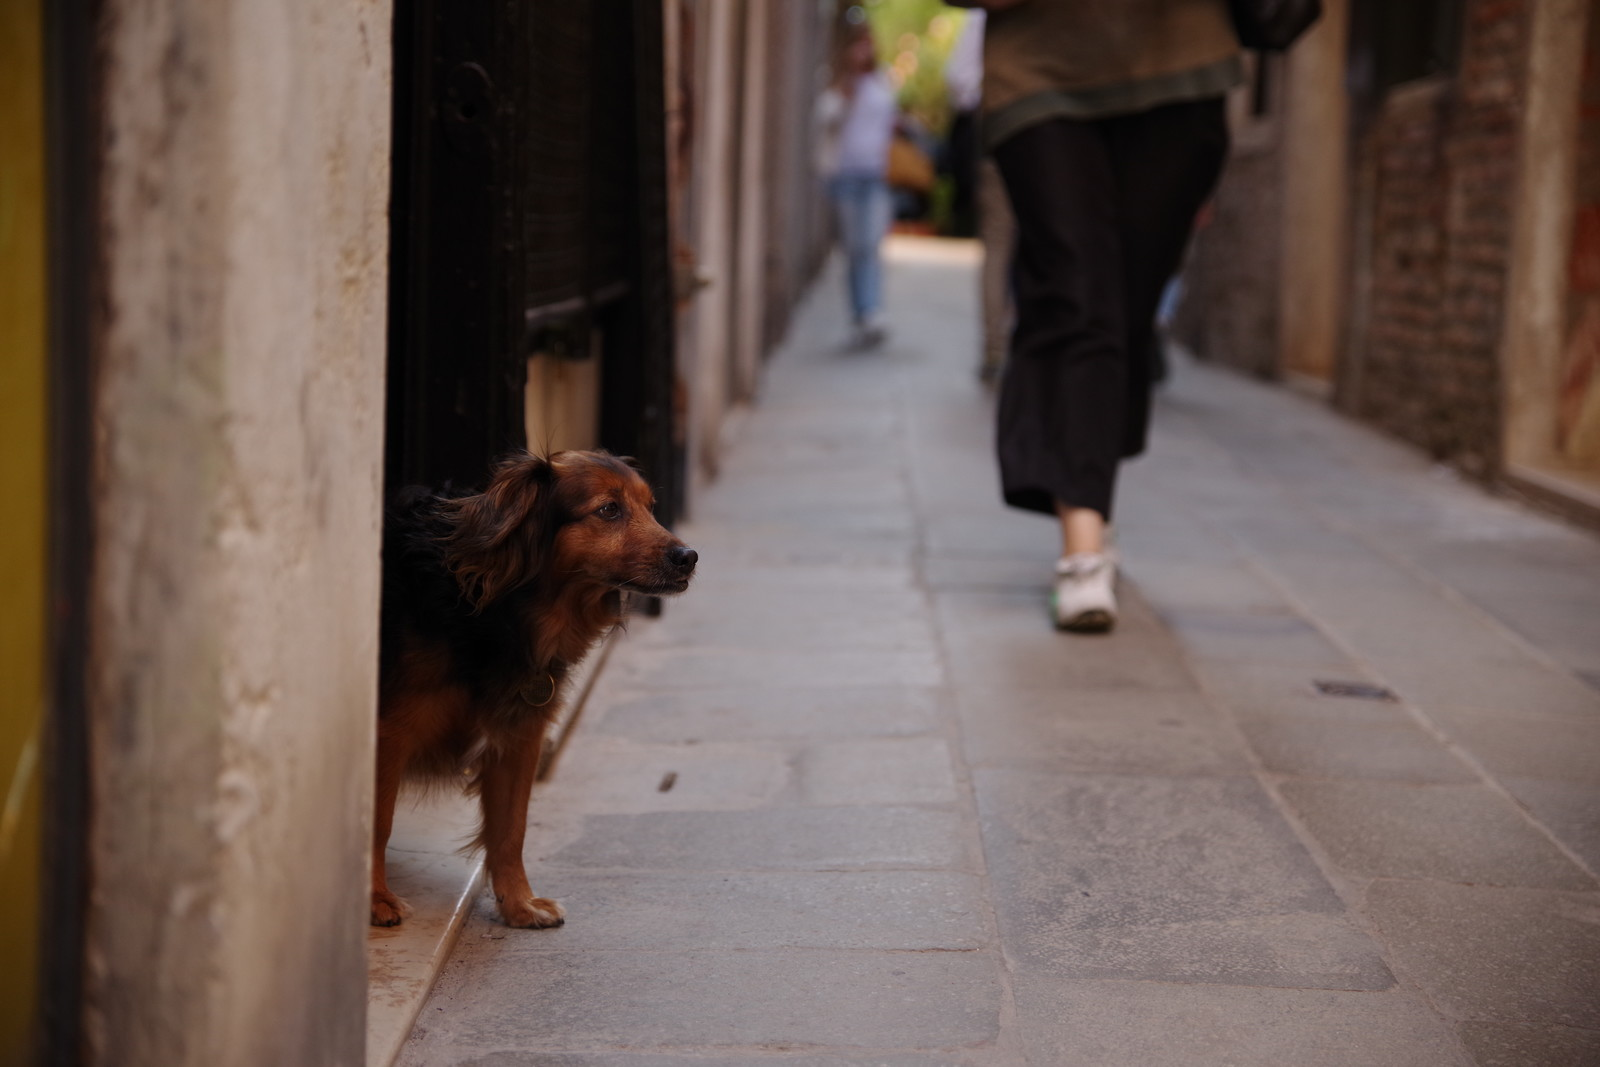 「ベネツィアのムラーノ島の路地で茶色い犬と出会う(イタリア)」の写真